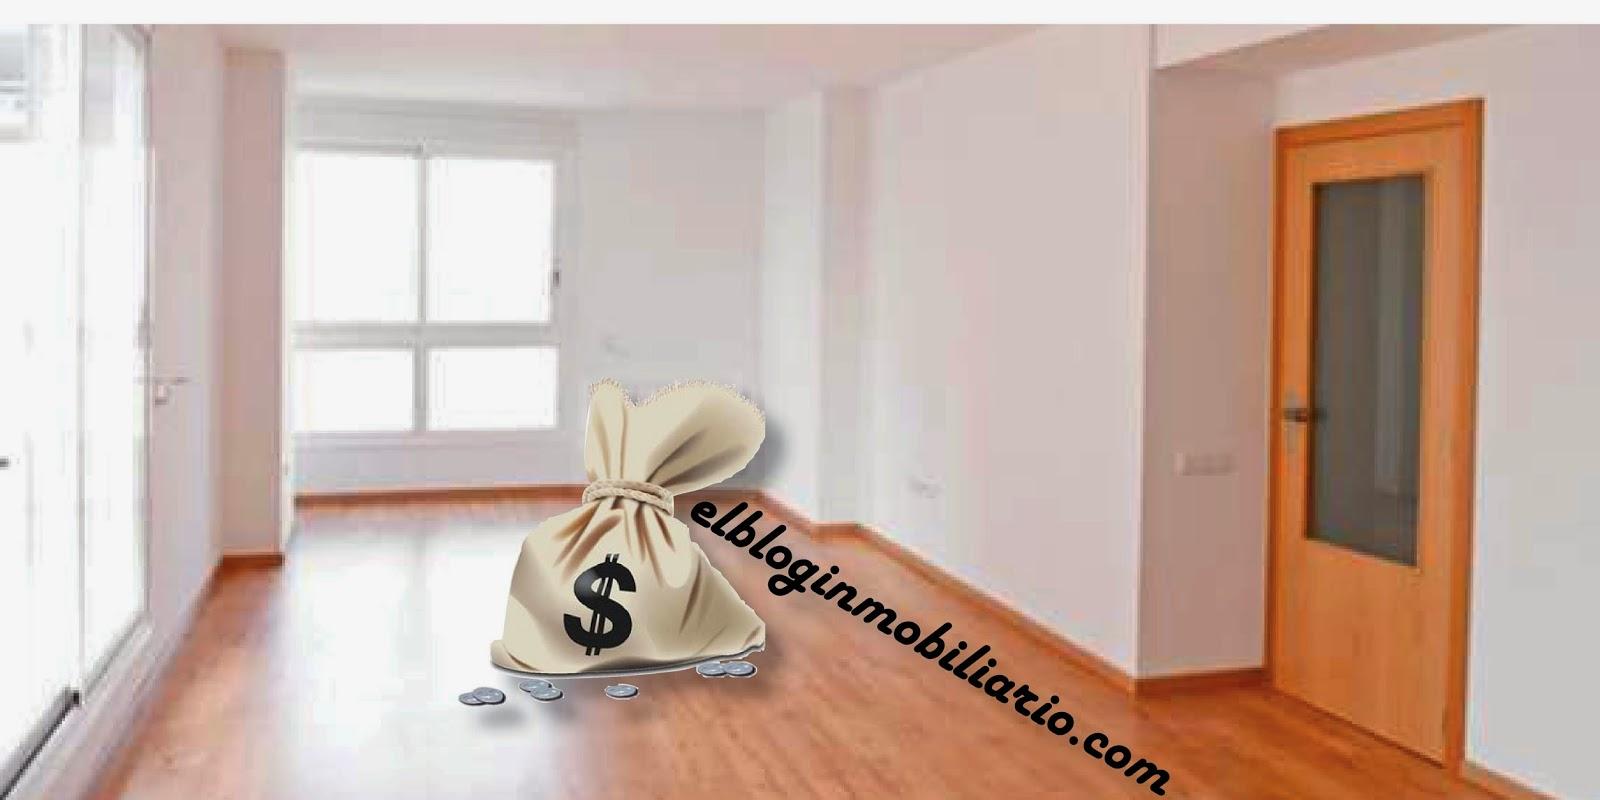 vivienda vacía coste de mantenimiento elbloginmobiliario.com